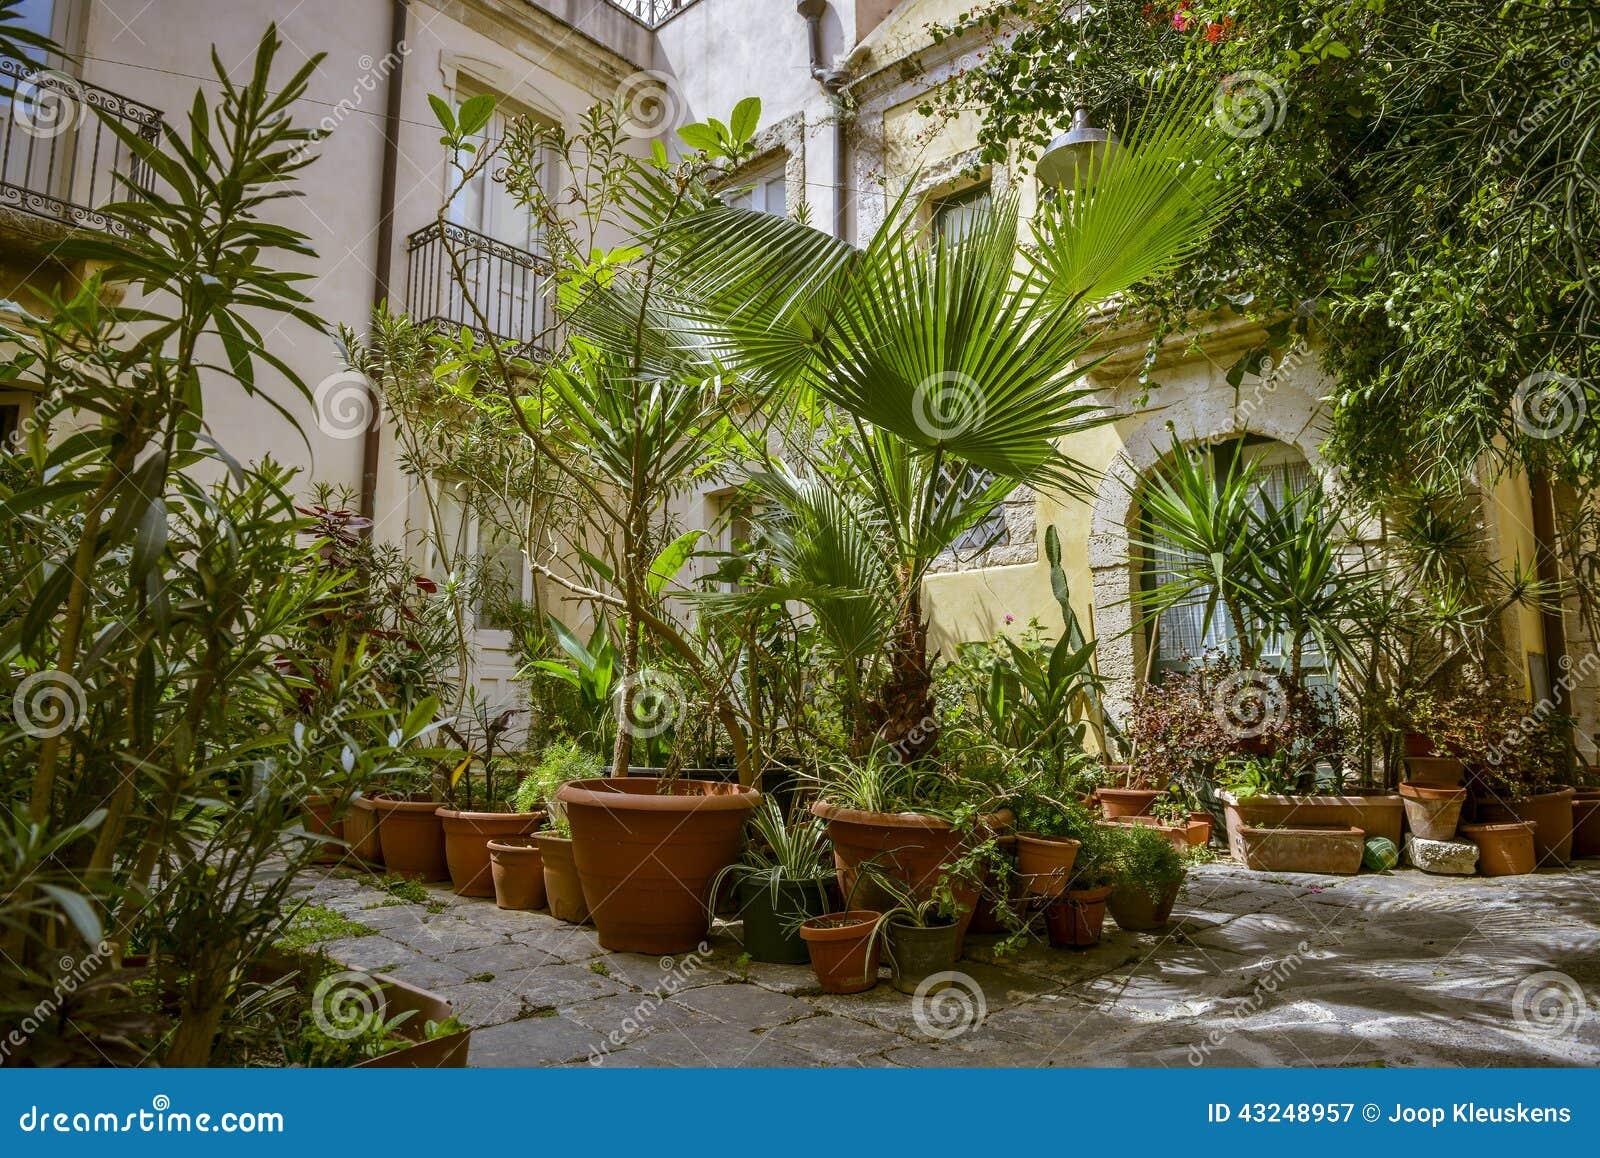 Jardin avec des pots de terre cuite photo stock image for Achat terre de jardin